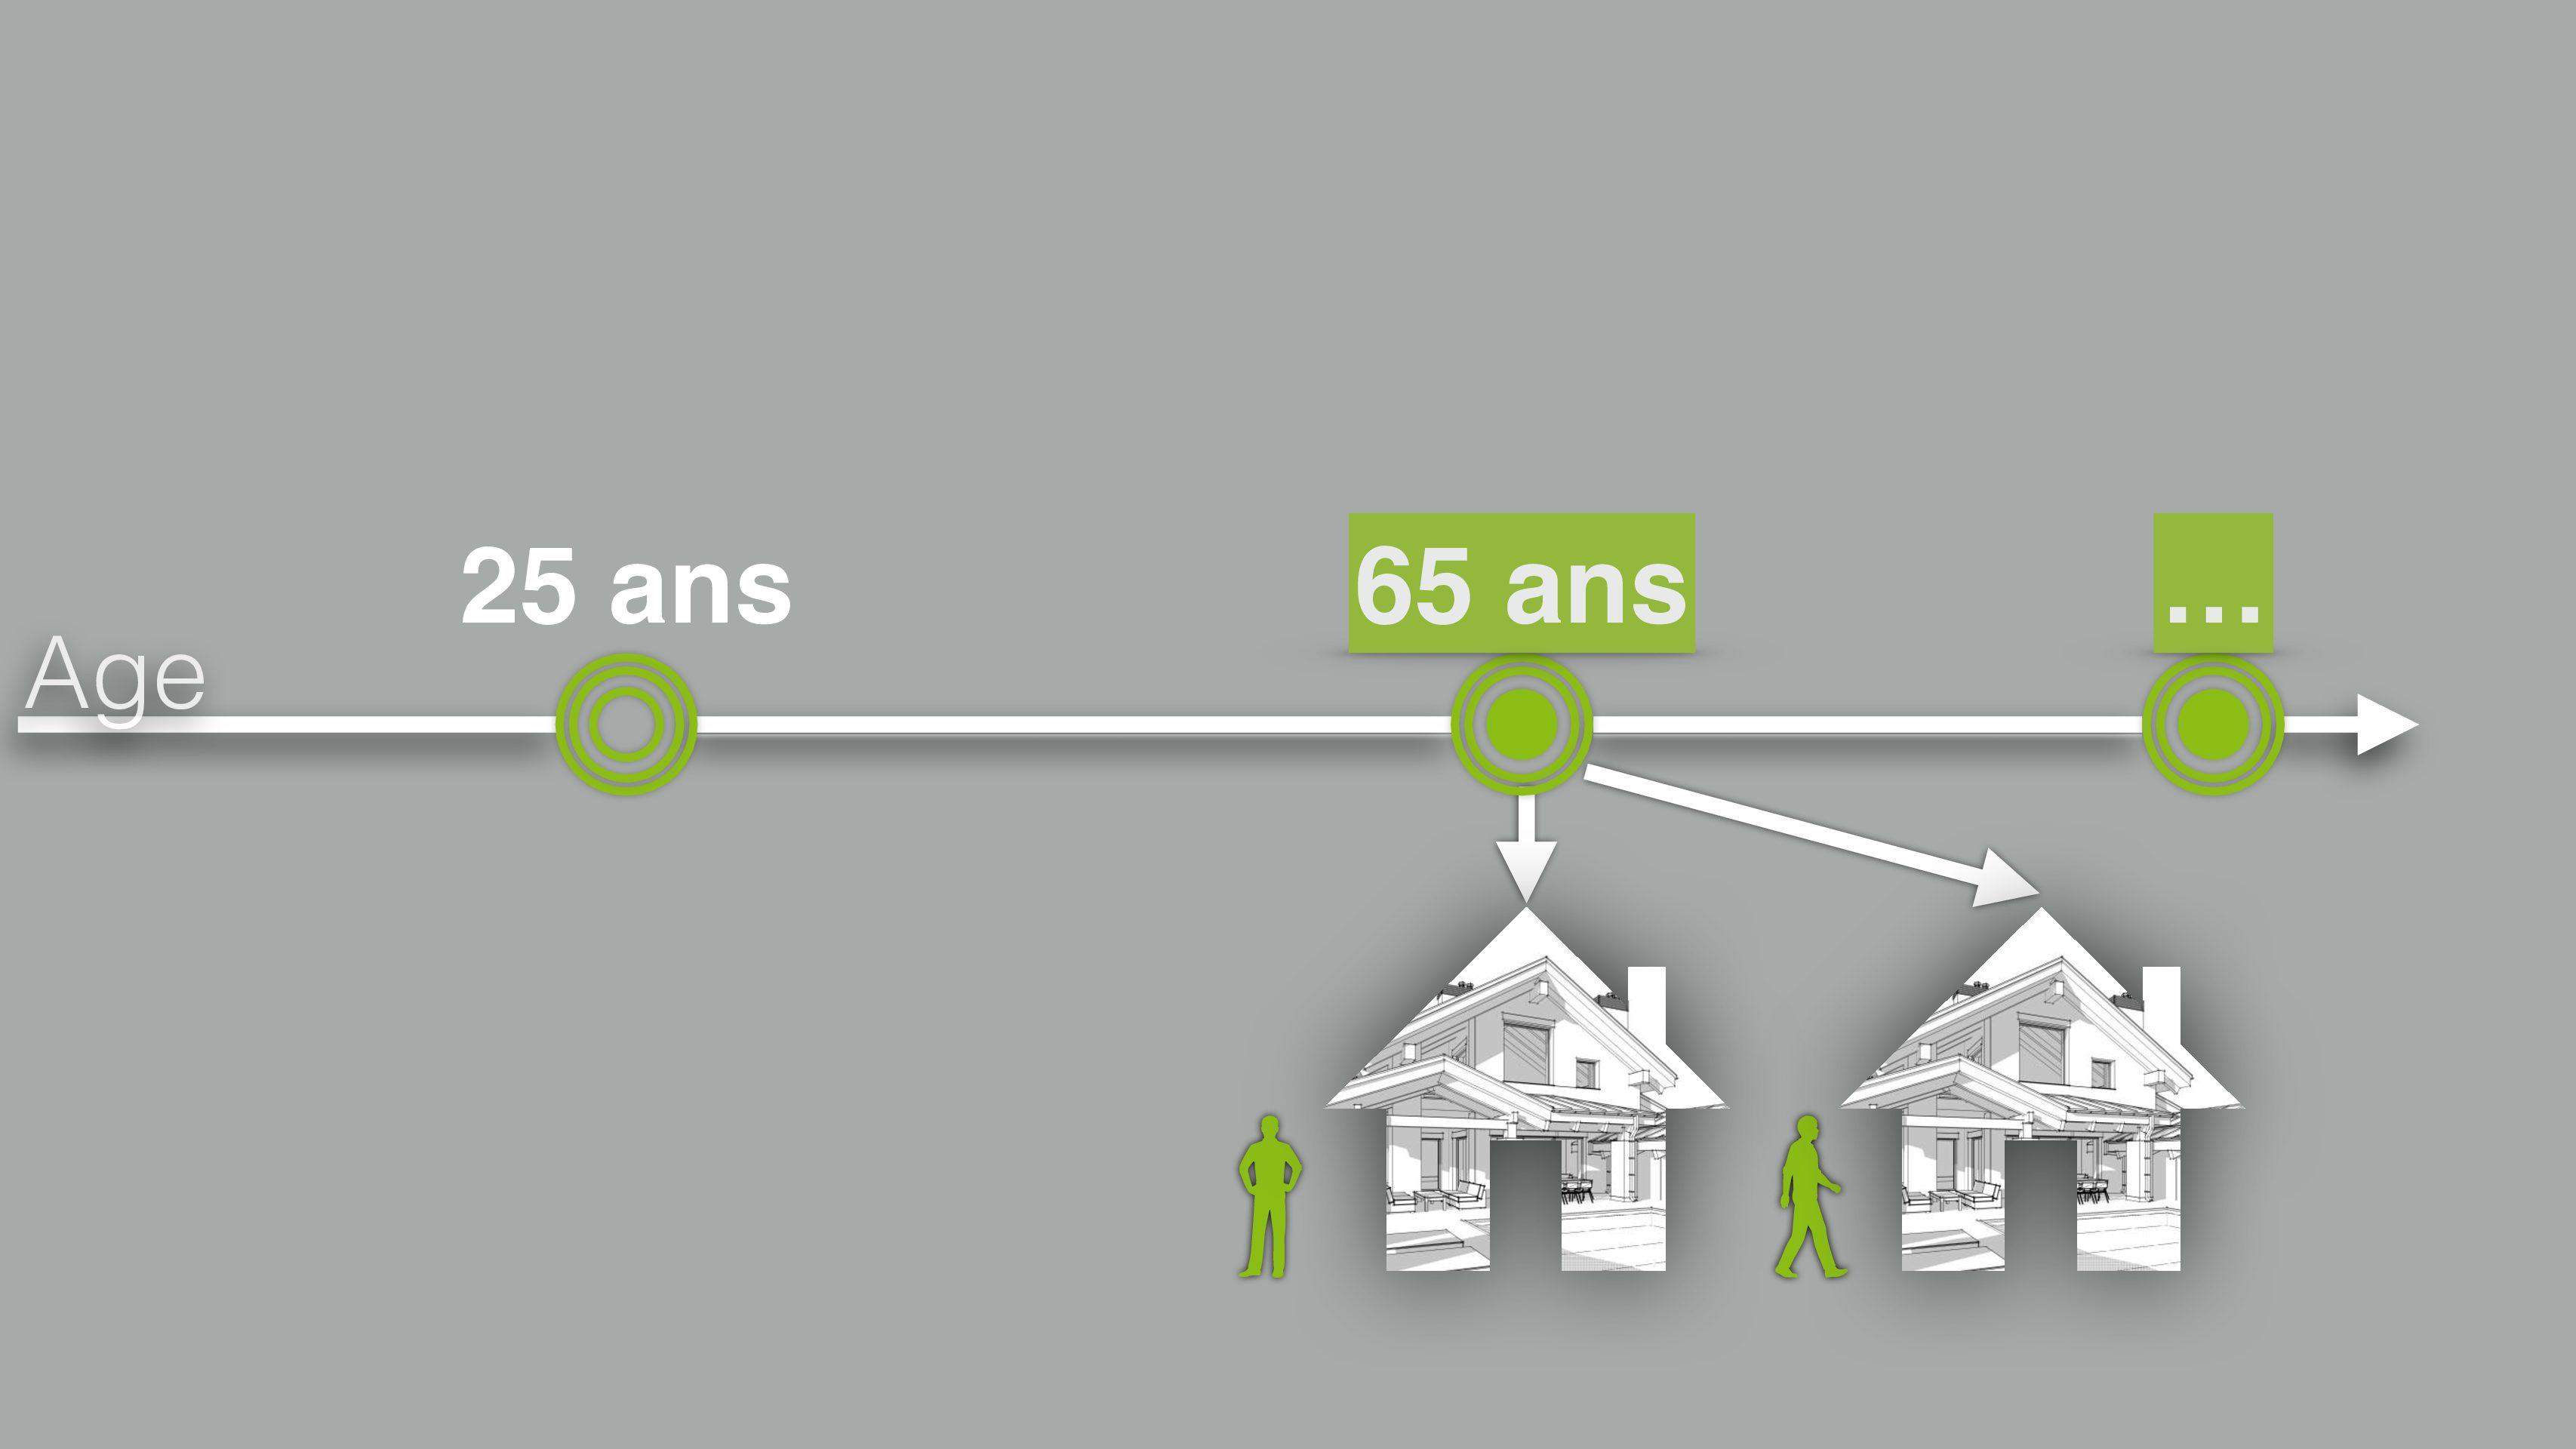 Immobilier et retraite A7 Services